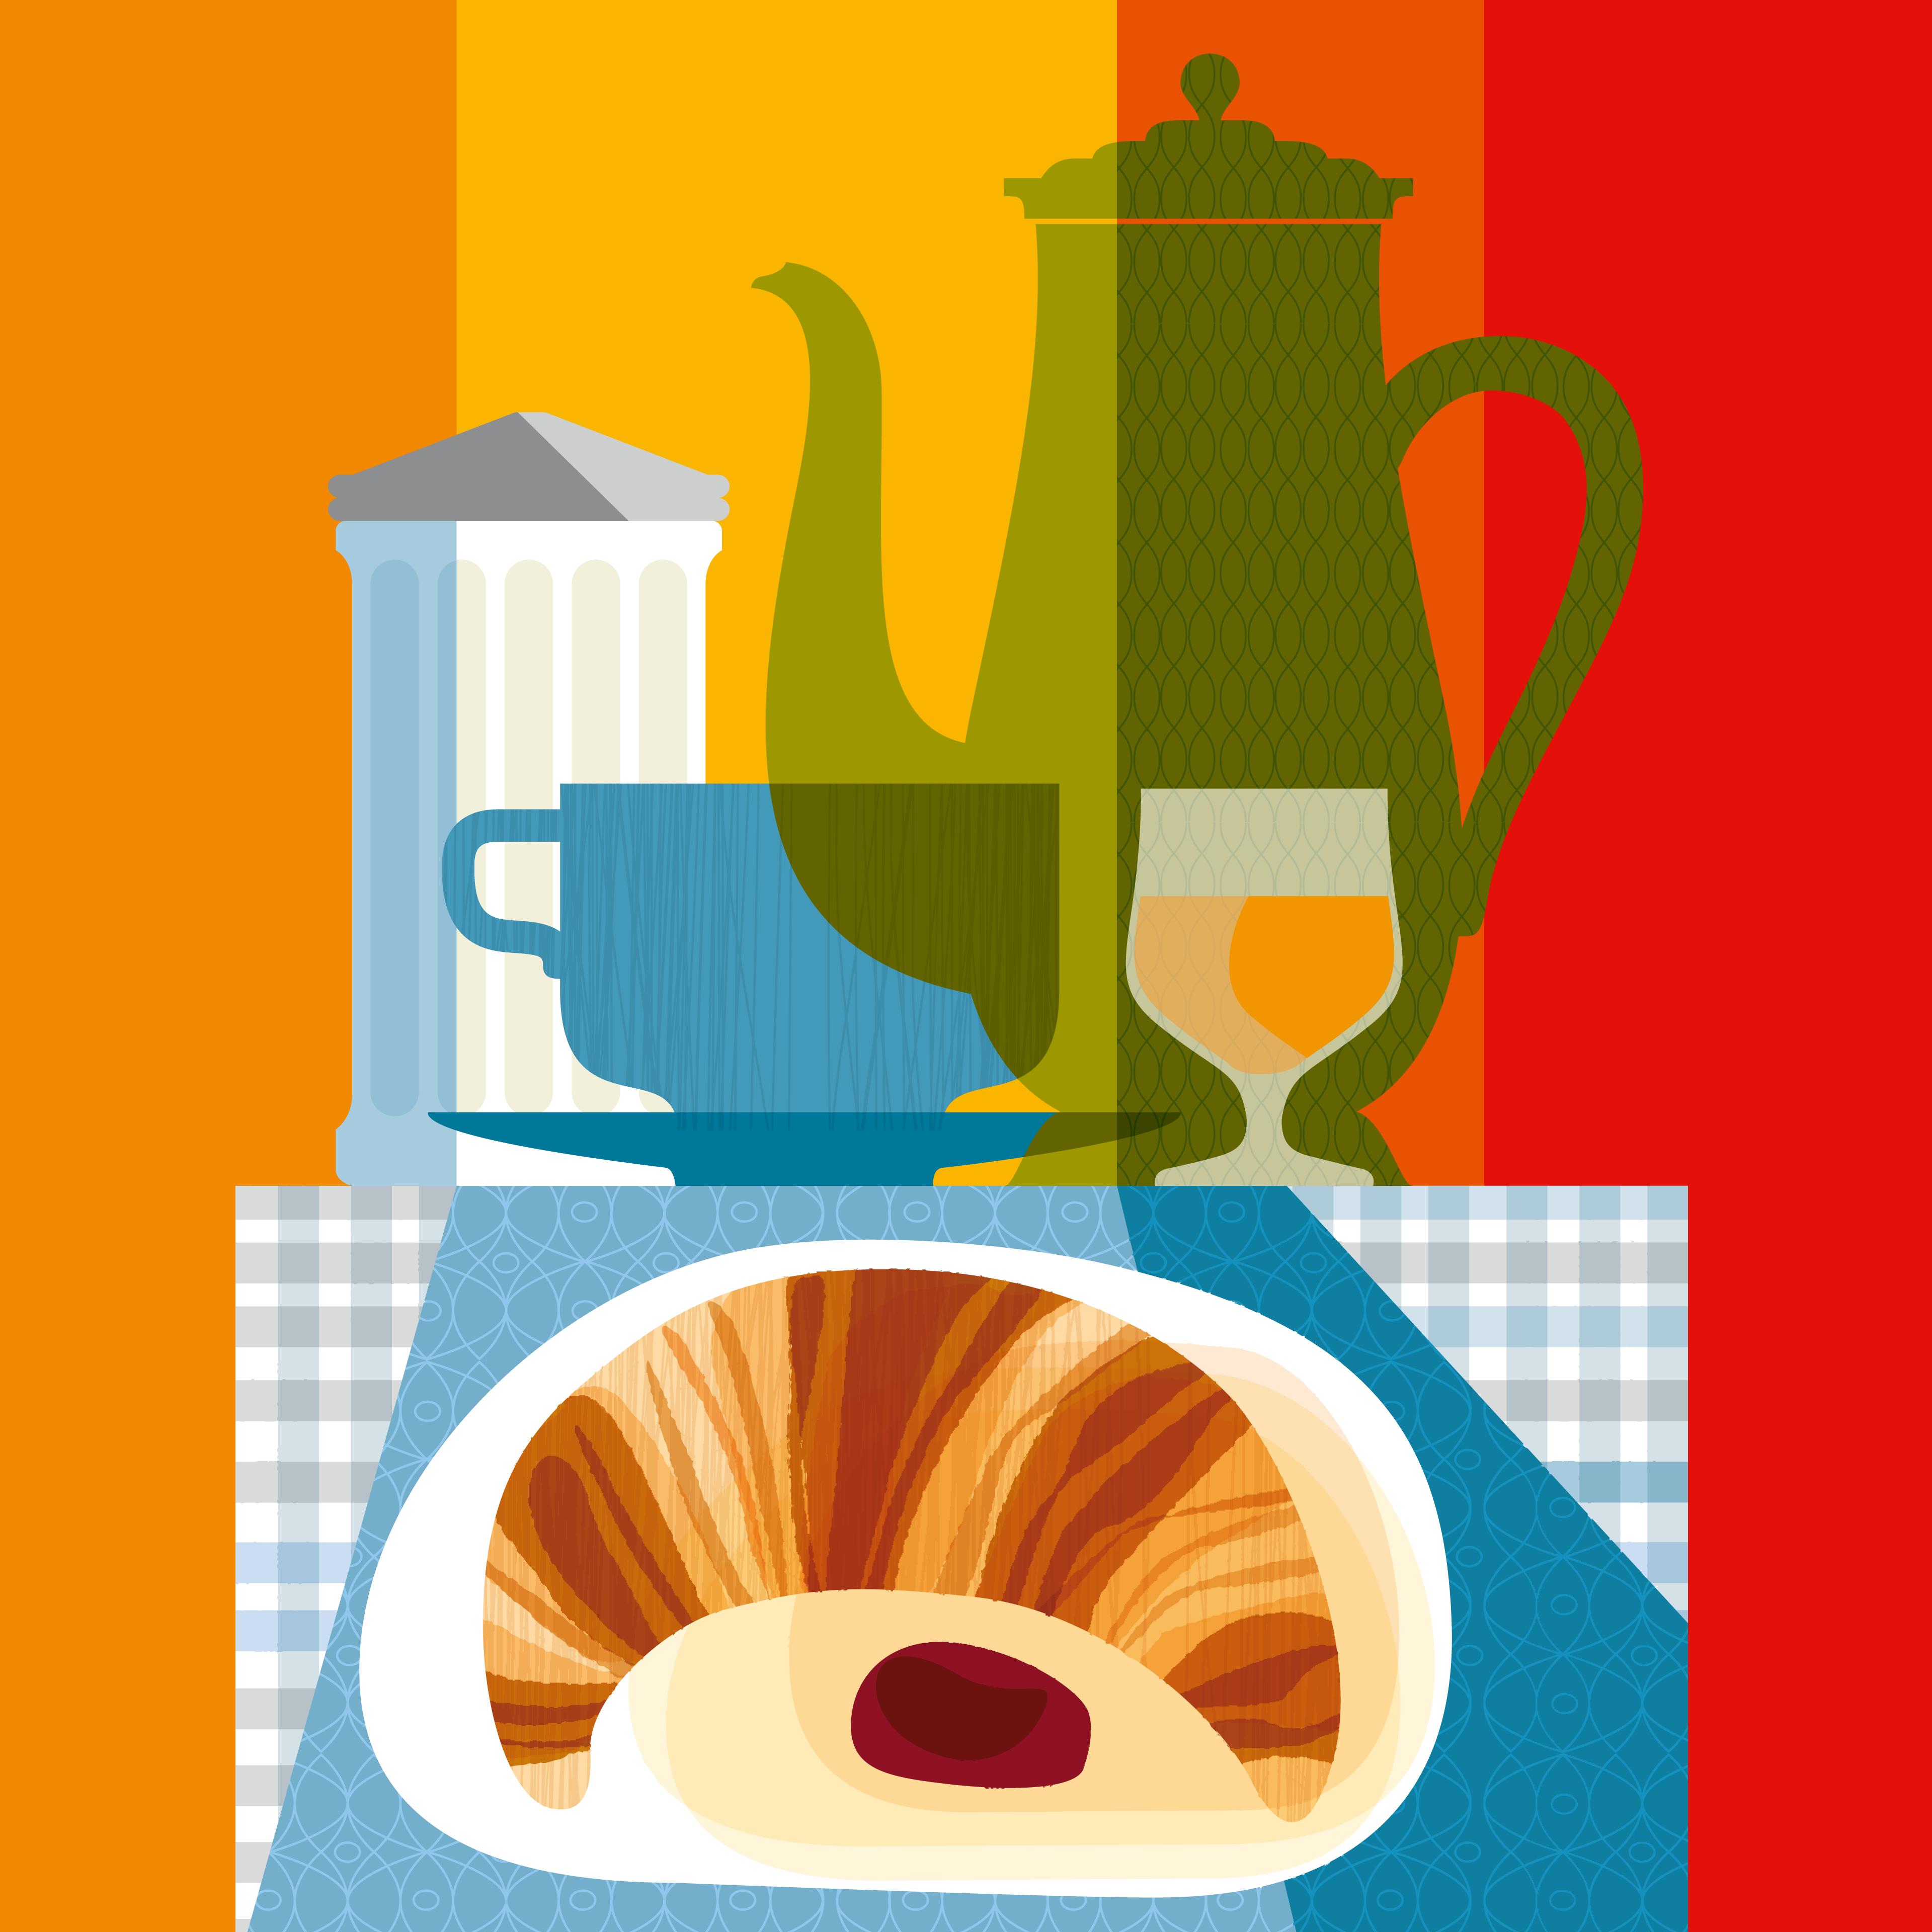 Breakfast has resisted globalisation, until now